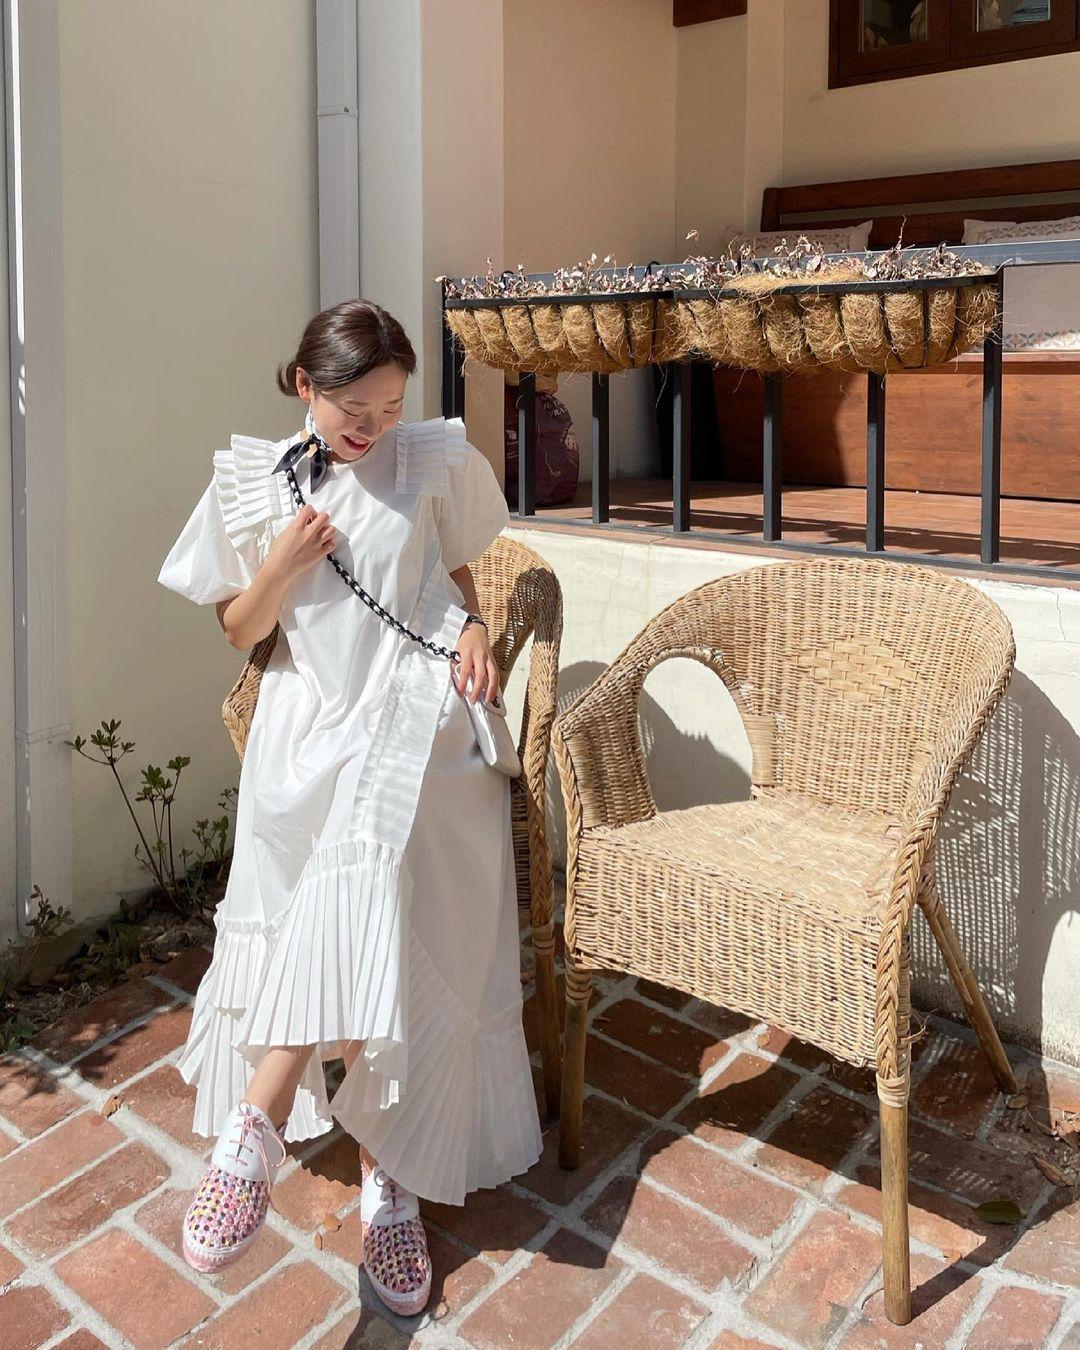 Hè đến là gái Hàn lại diện đủ kiểu váy trắng siêu trẻ xinh và tinh tế, xem mà muốn sắm cả 'lố' về nhà - Ảnh 12